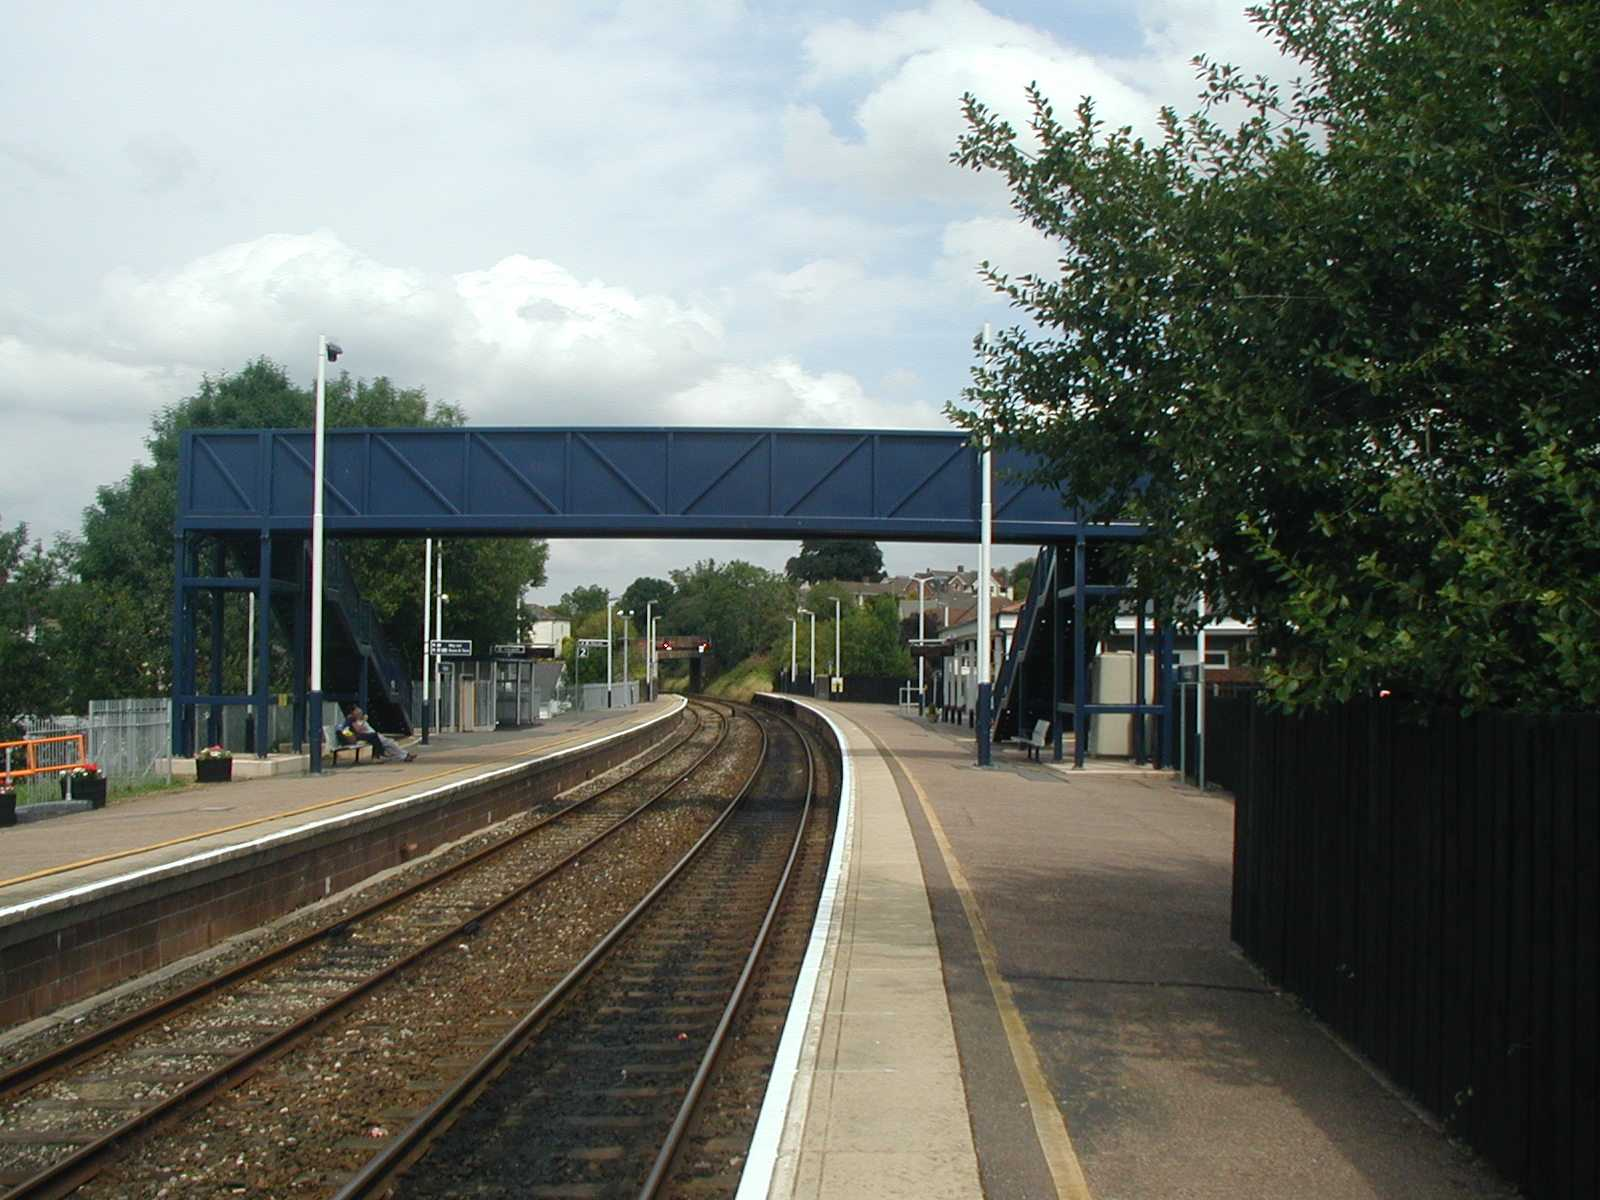 Honiton Railway Station Photo Sidmouth Jct Chard Line Seaton Jct 8